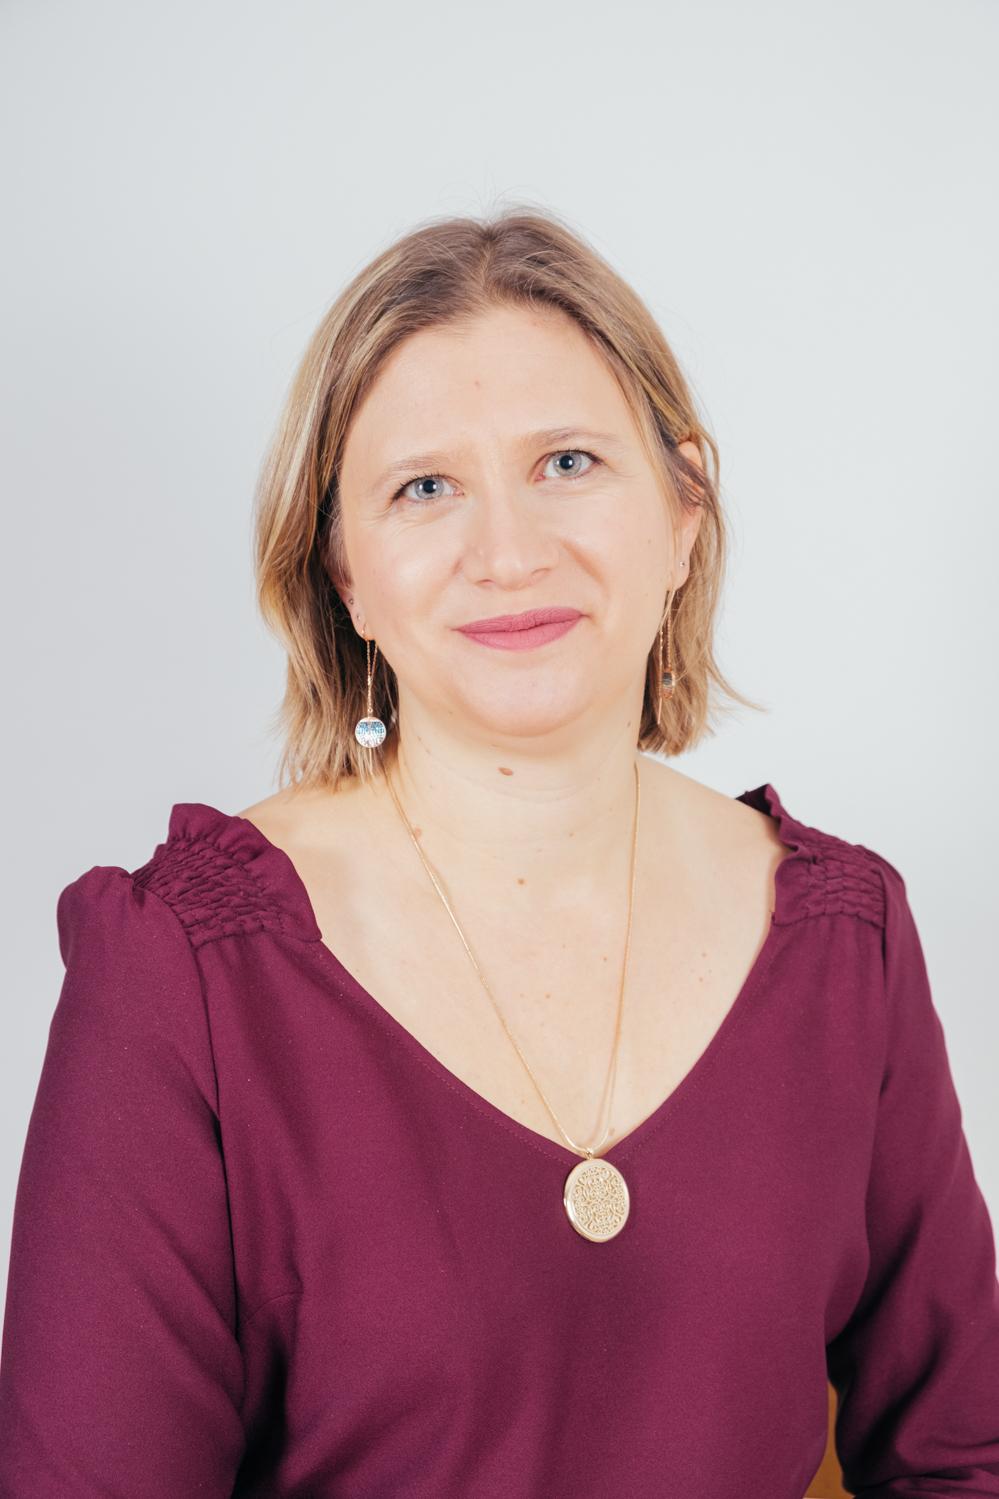 Maryline Buhl